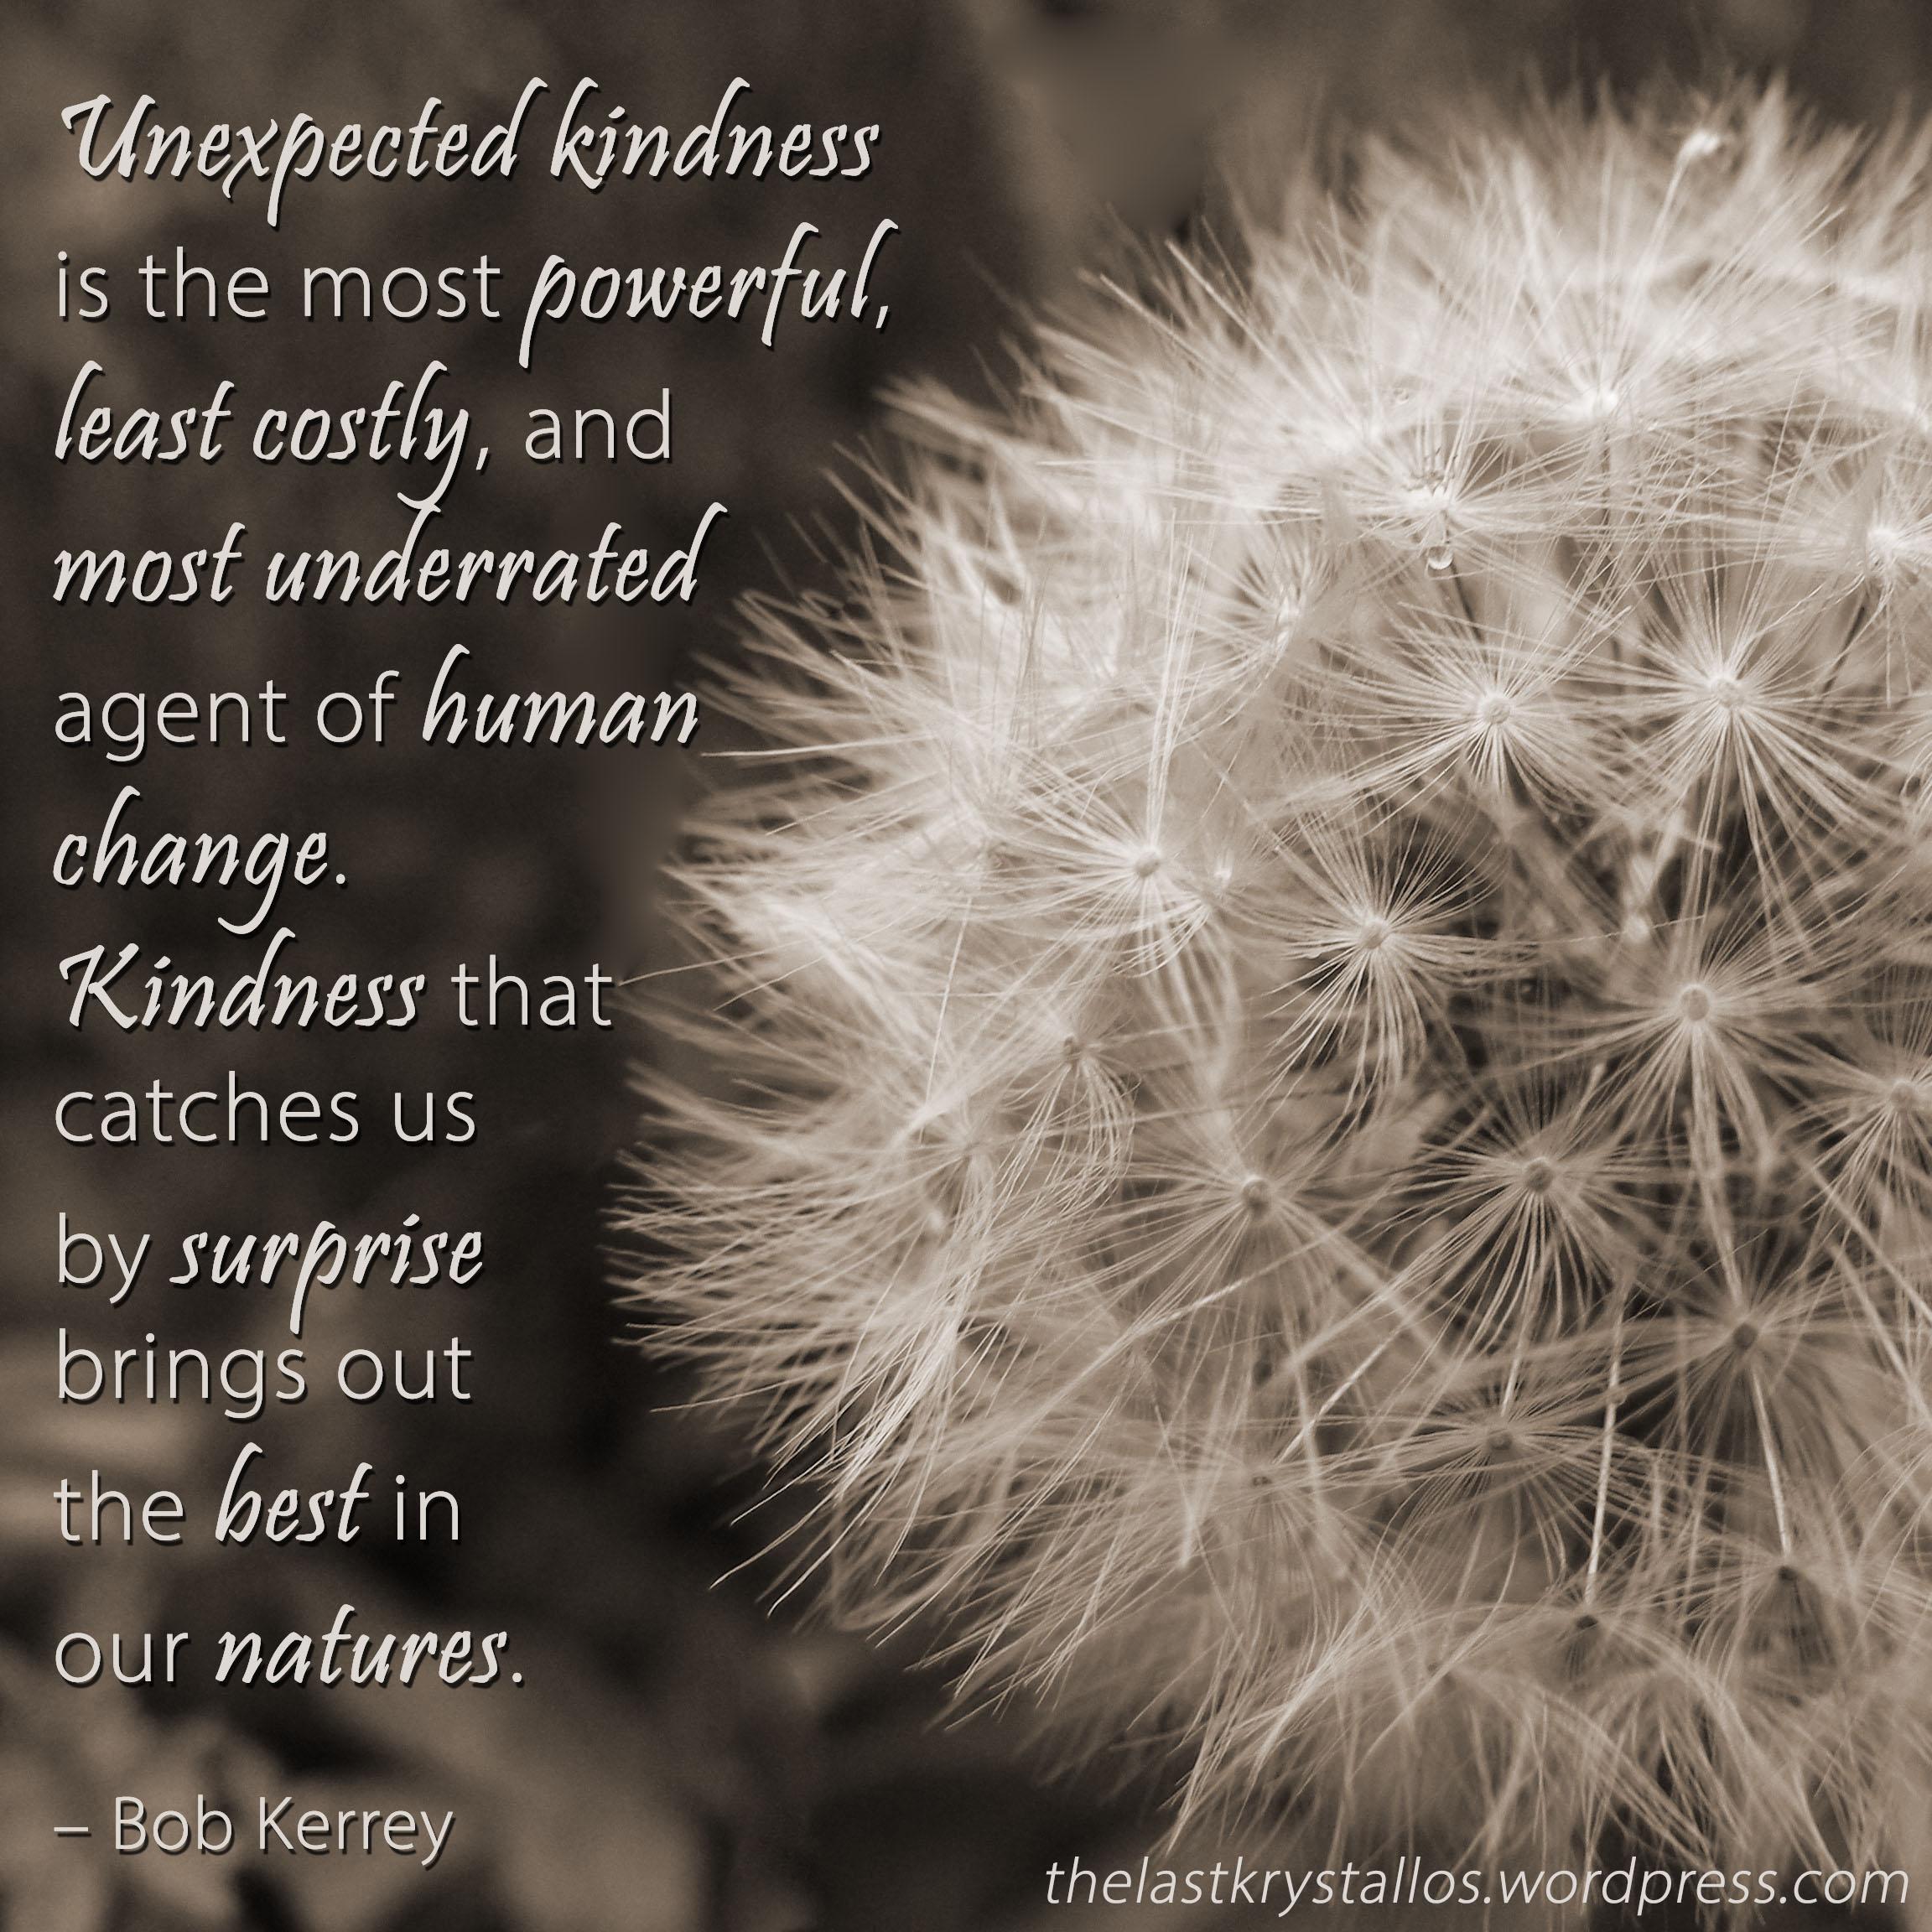 Unexpected-Kindness-Bob-Kerrey-the-last-krystallos-photo-bekah-shambrook